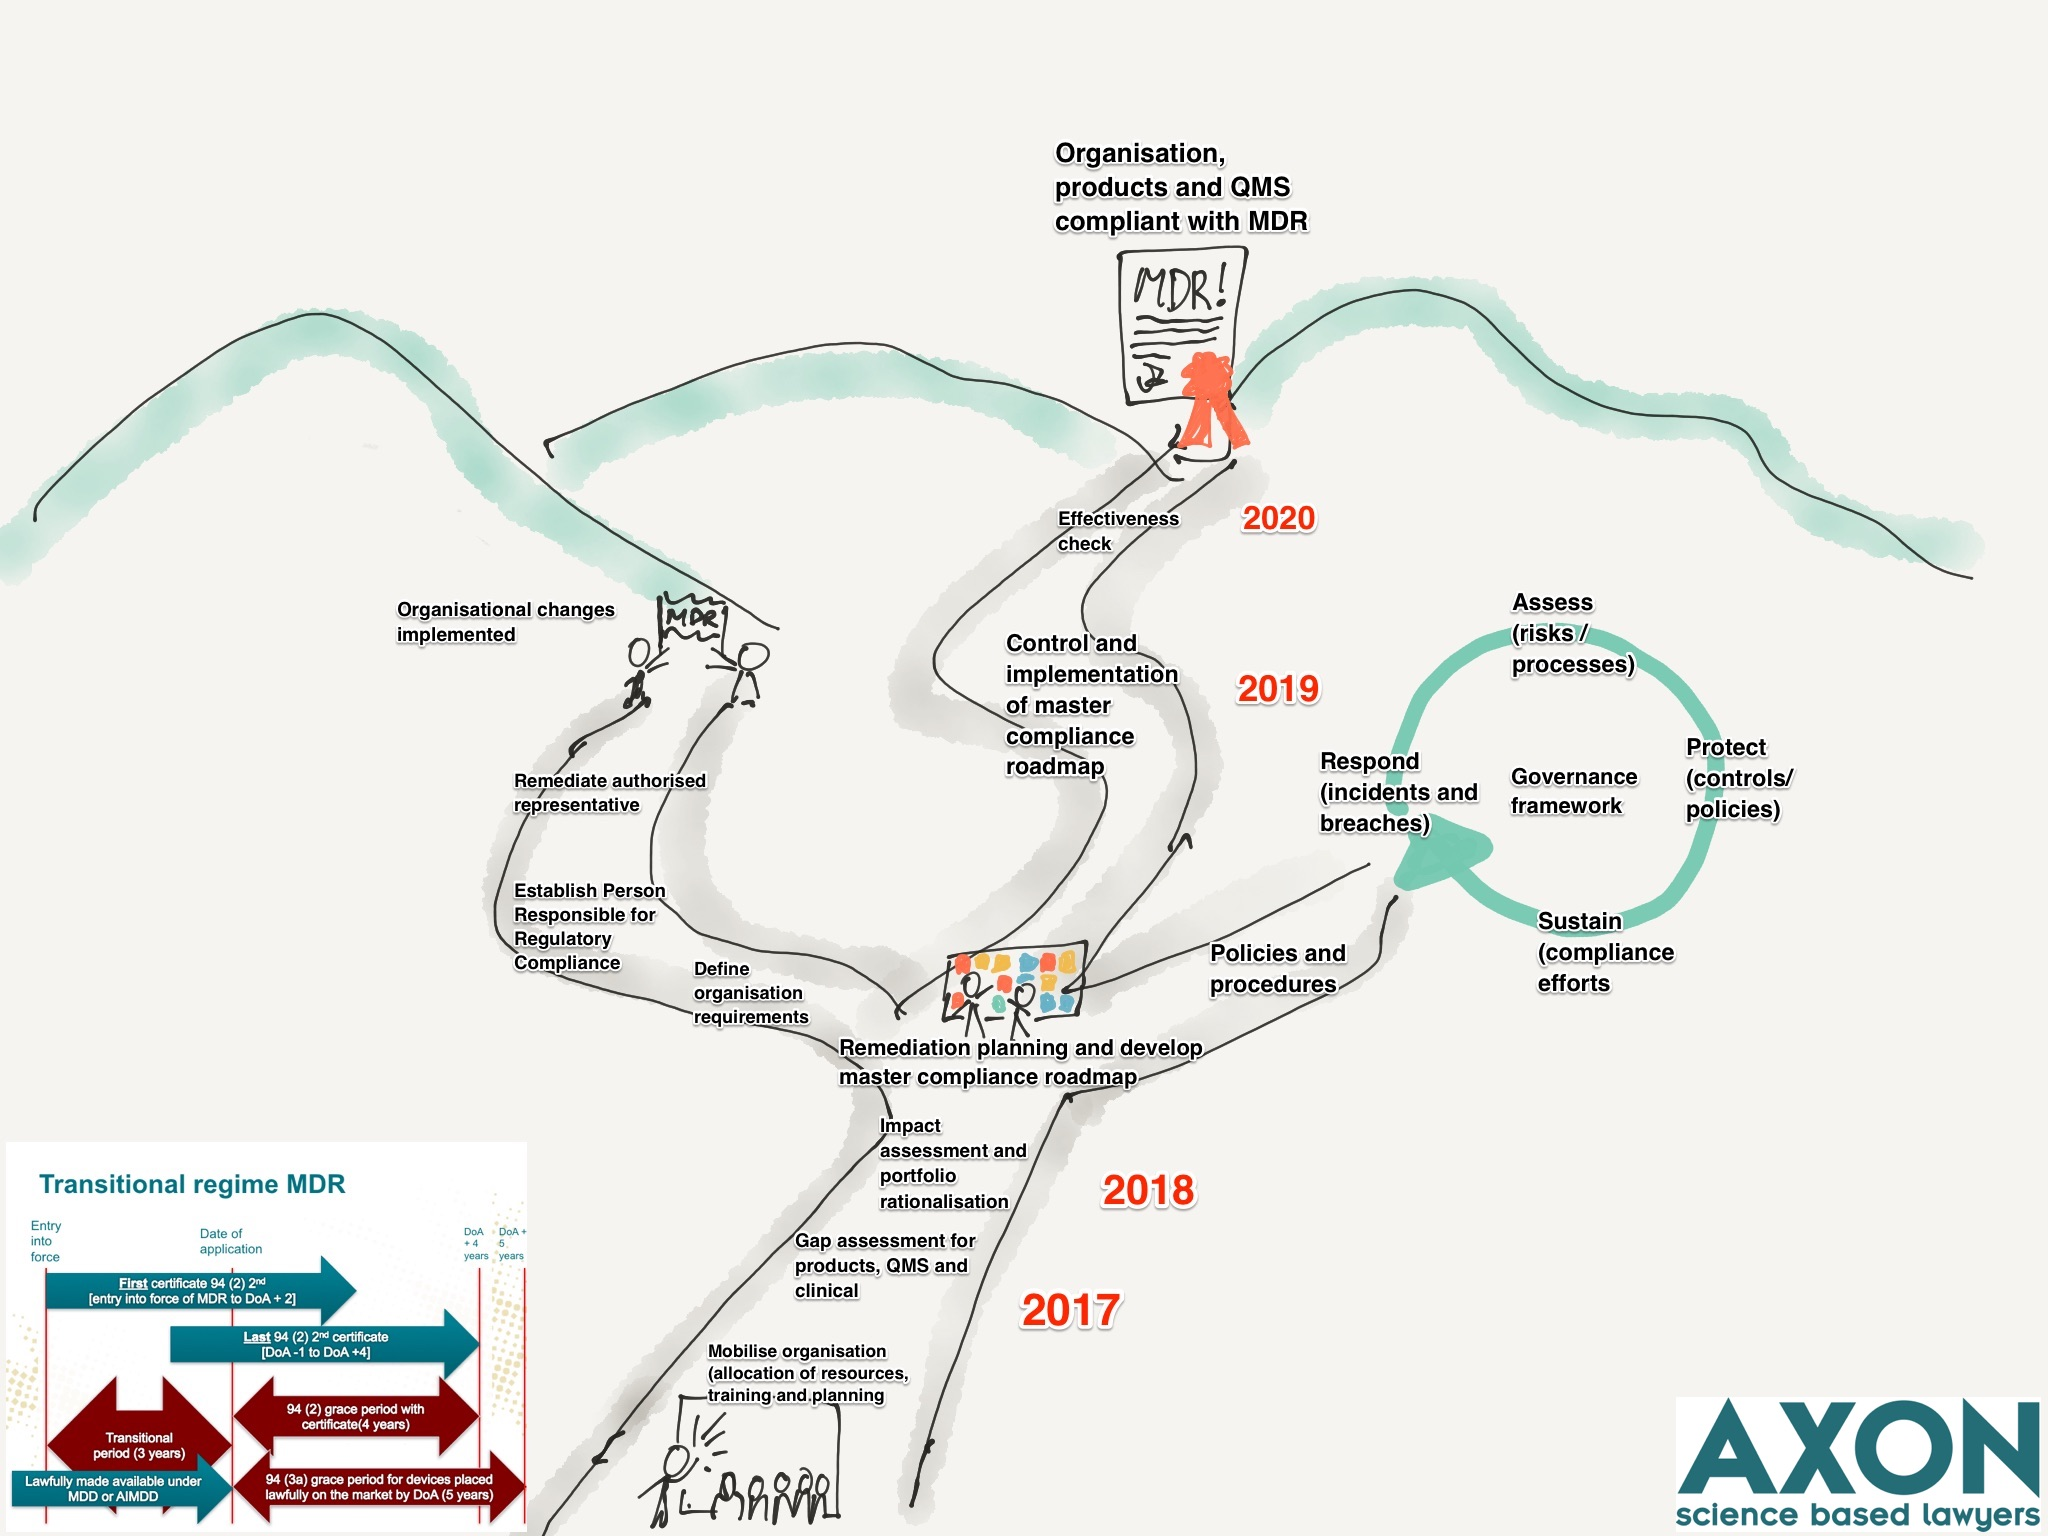 mdr-compliance-roadmap